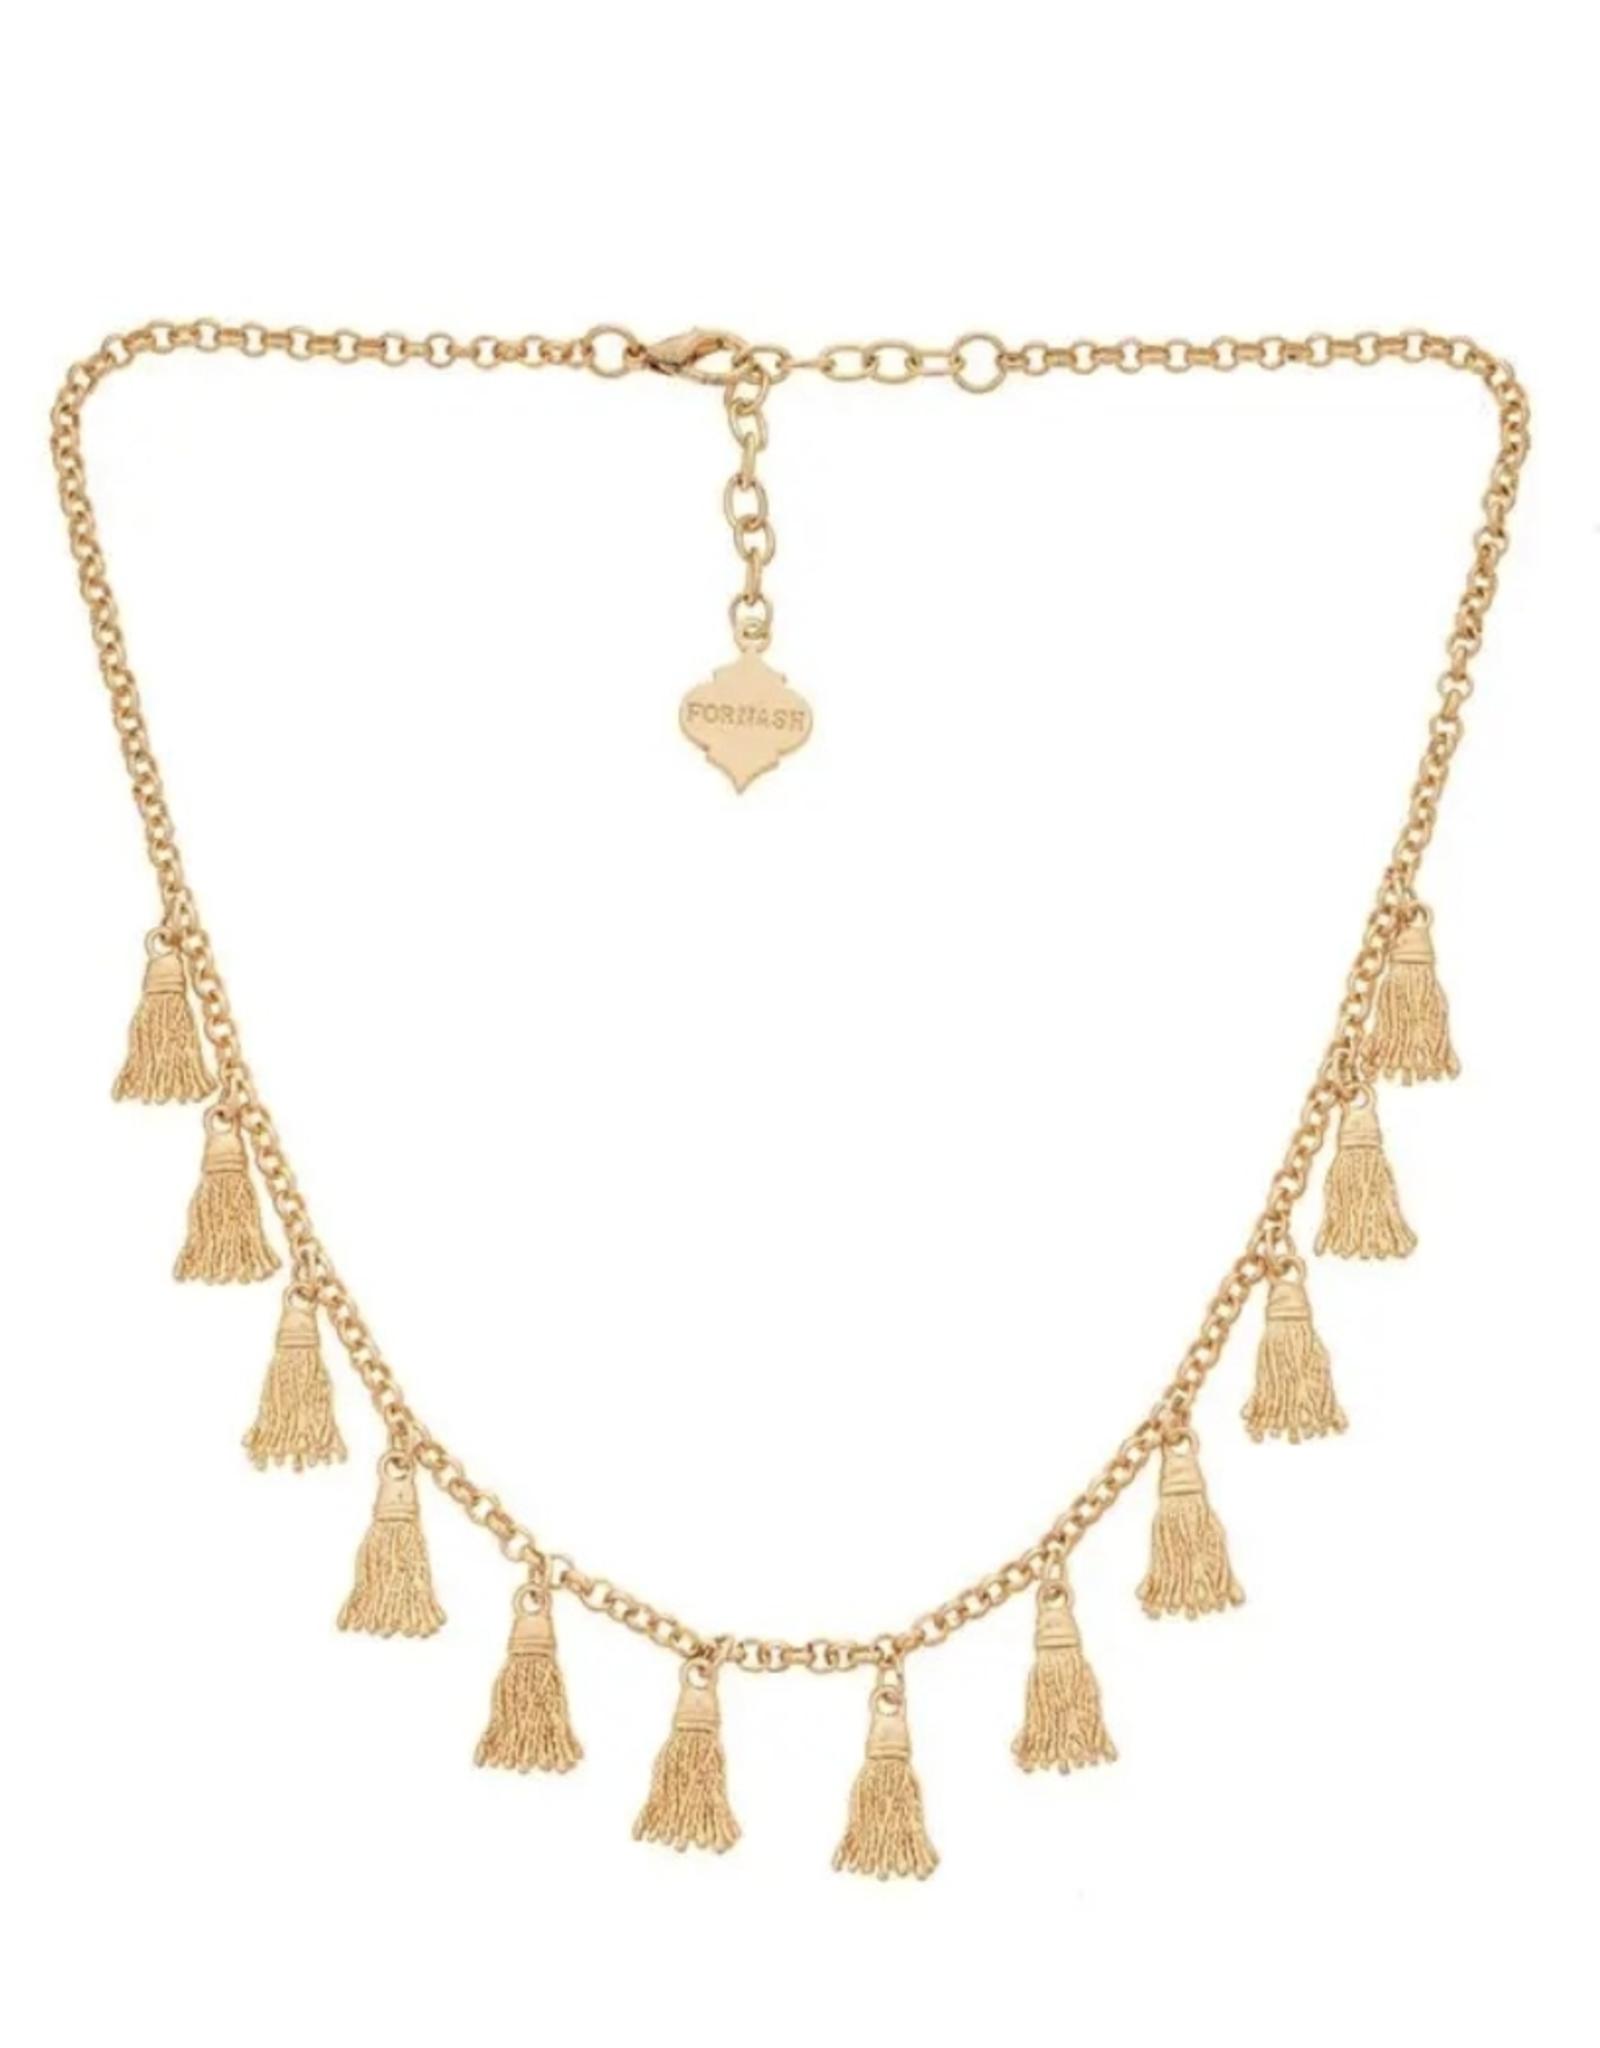 fornash Calypso Tassel Necklace